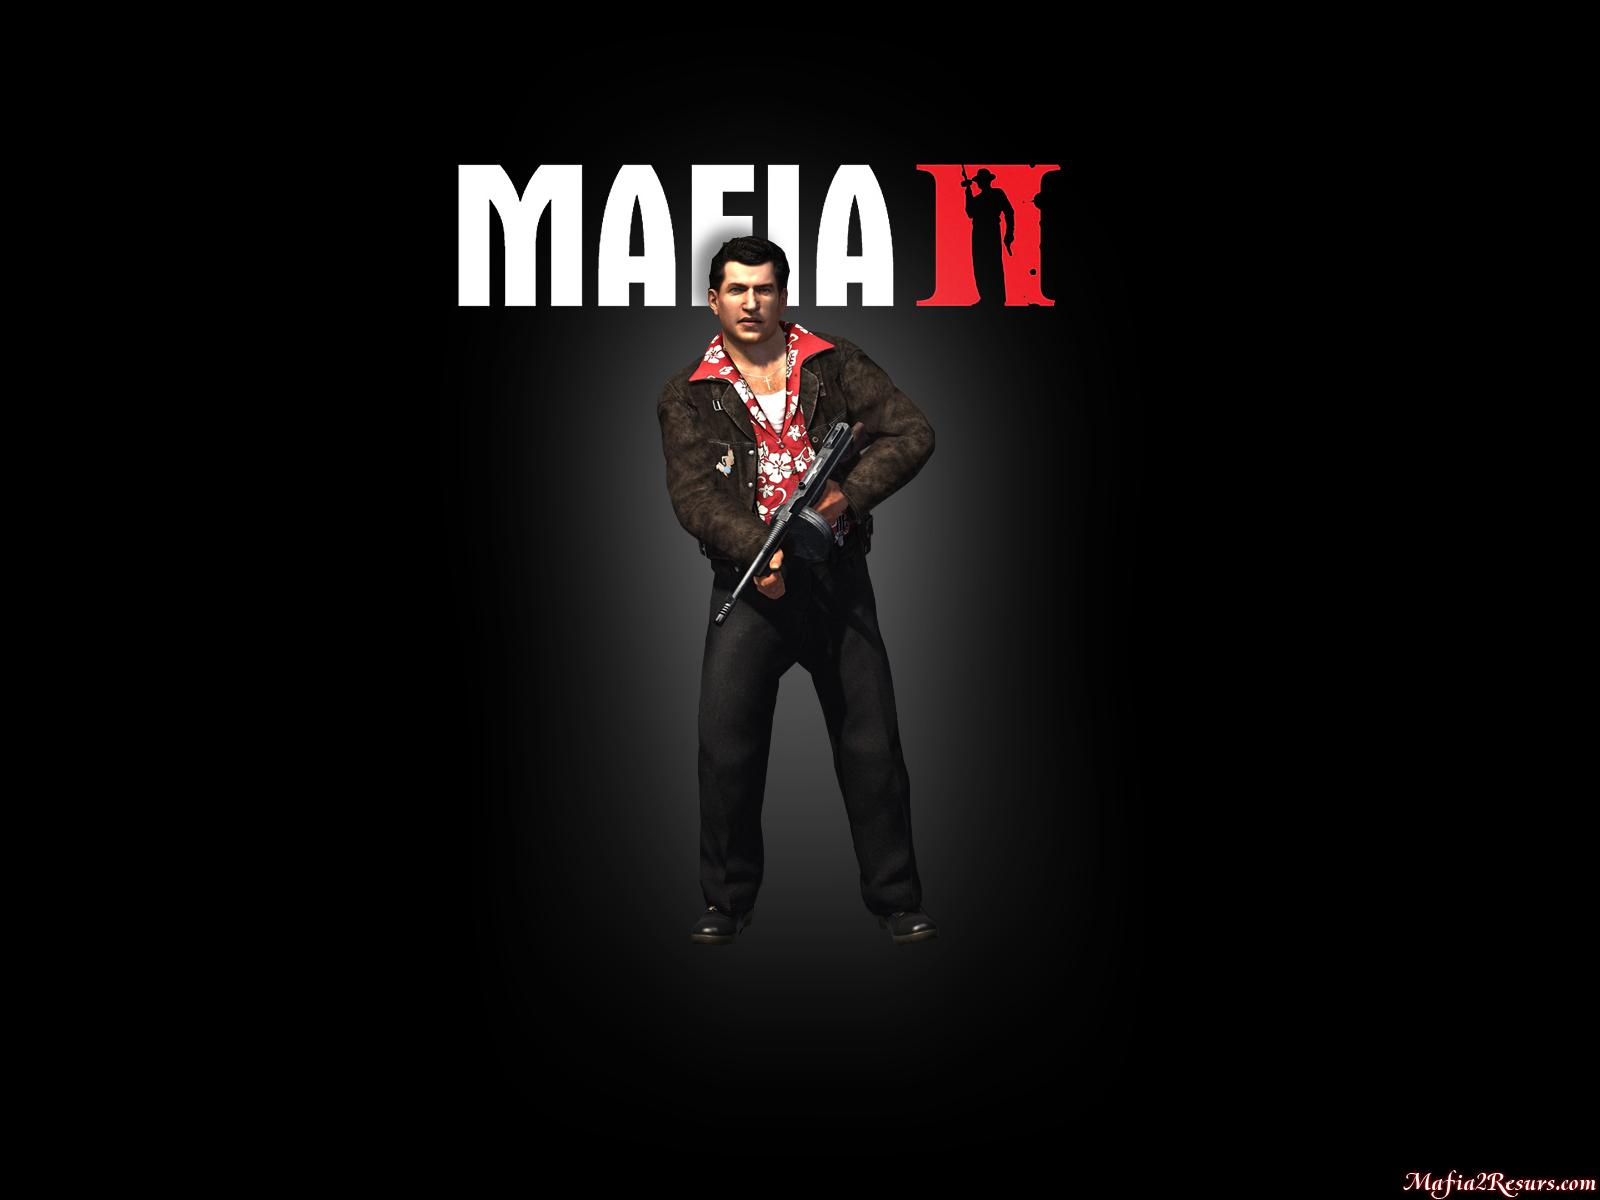 Здесь находятся обои Мафии 2, сделанные на основе иллюстраций с главными героями. - Mafia 2